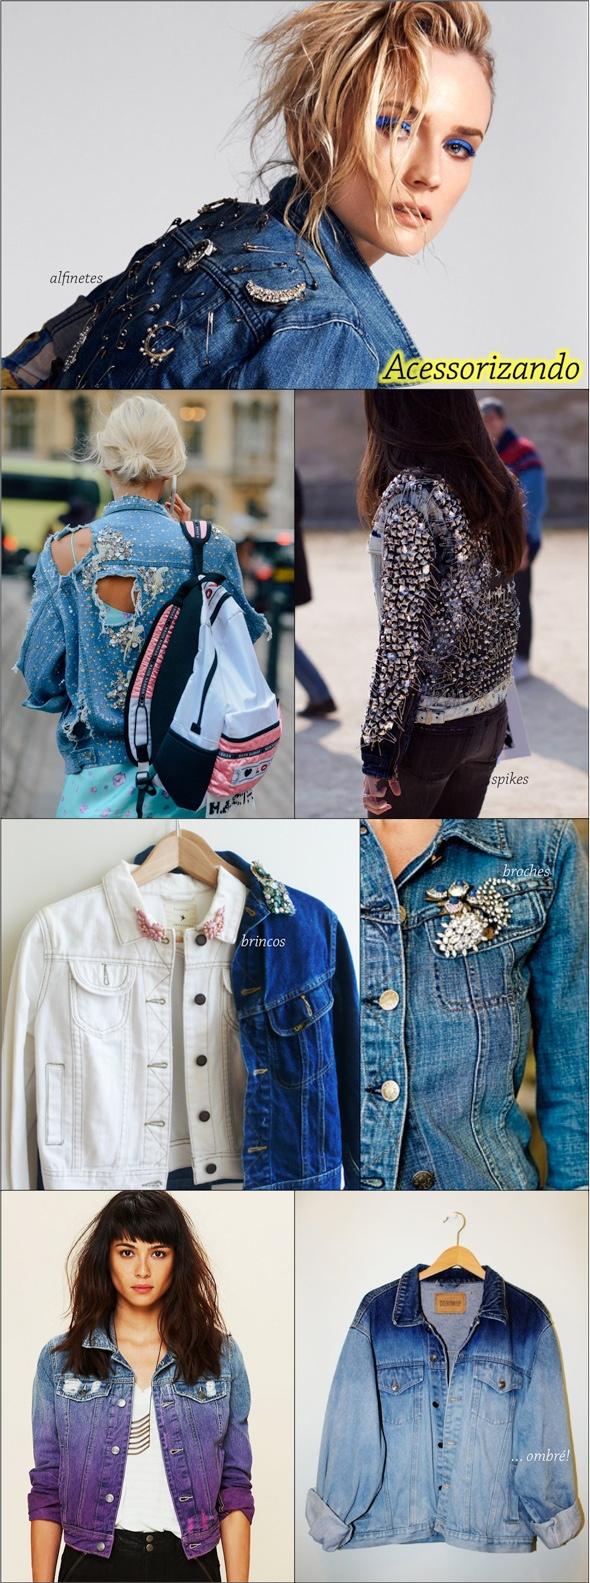 jaqueta-jeans-estilo-moda